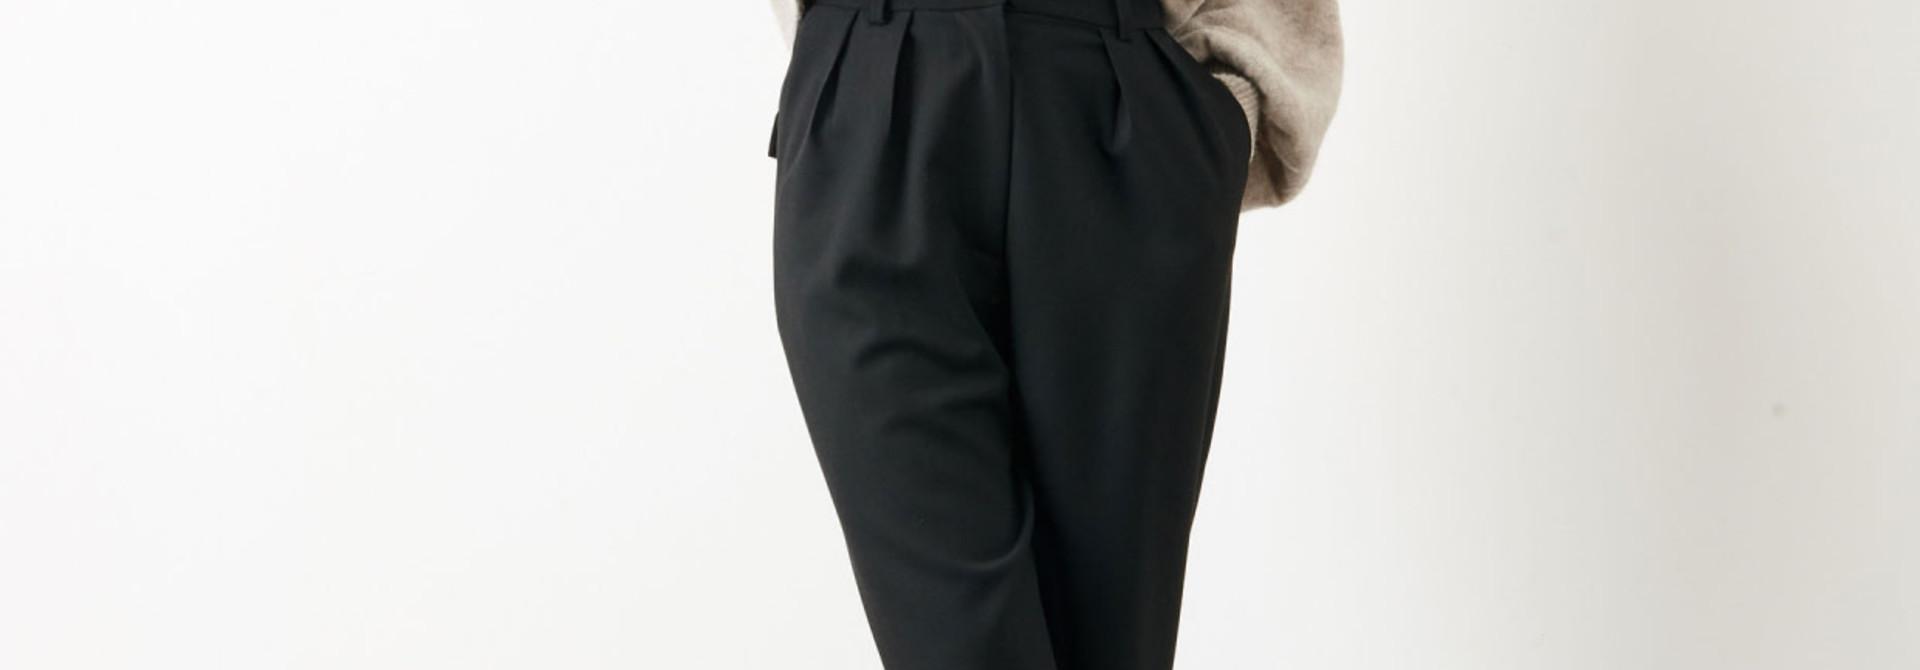 hondje black pants